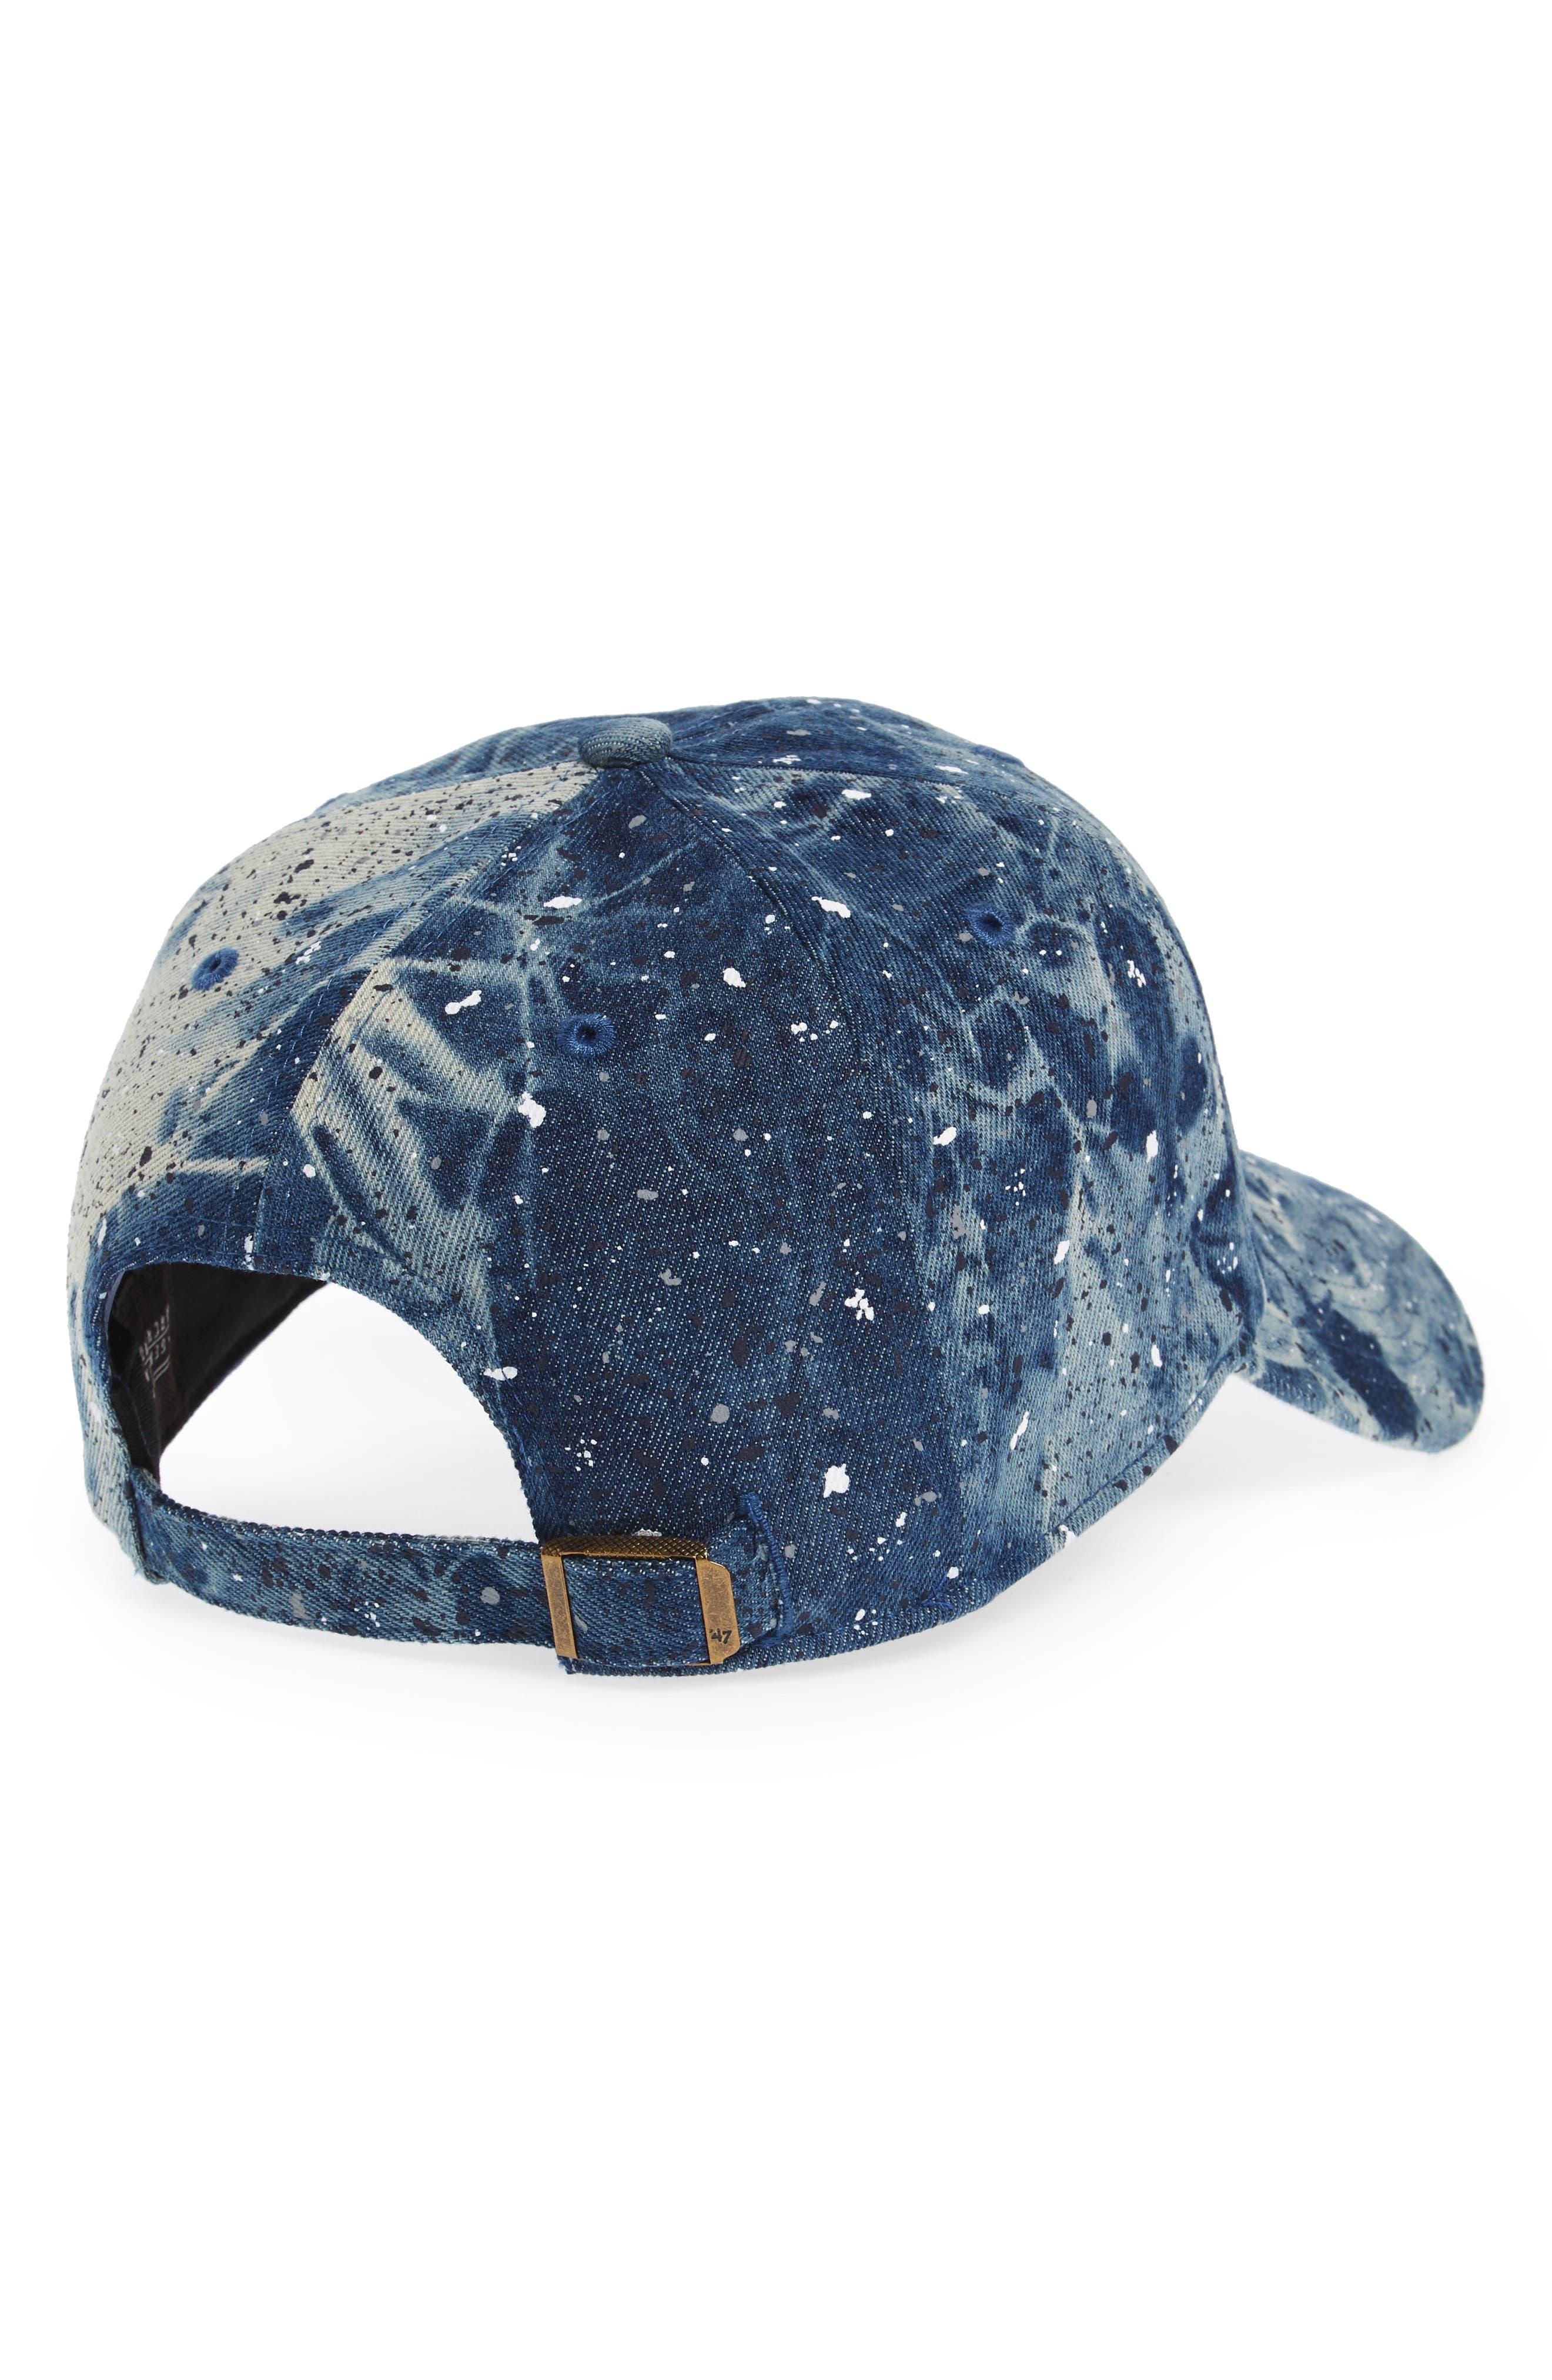 New York Yankees - Blue Splatter Baseball Cap,                             Alternate thumbnail 2, color,                             Blue